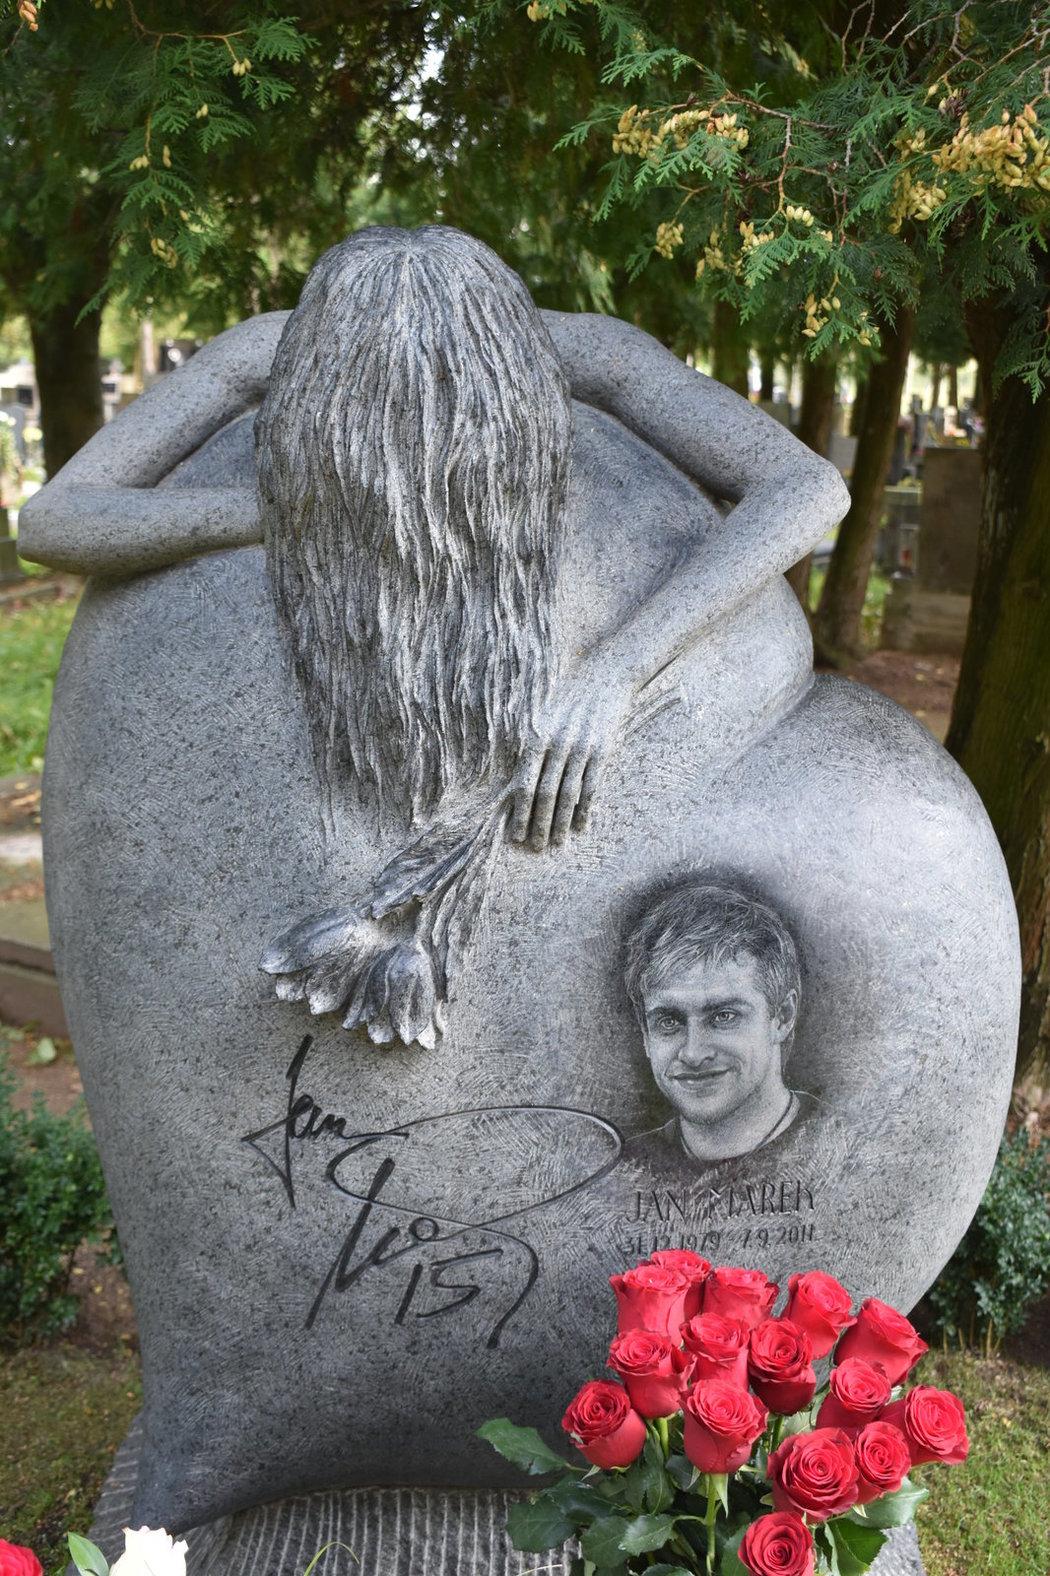 Pomník ve tvaru srdce s portrétem hokejisty Honzy Marka symbolizuje lásku a smutek jeho ženy.